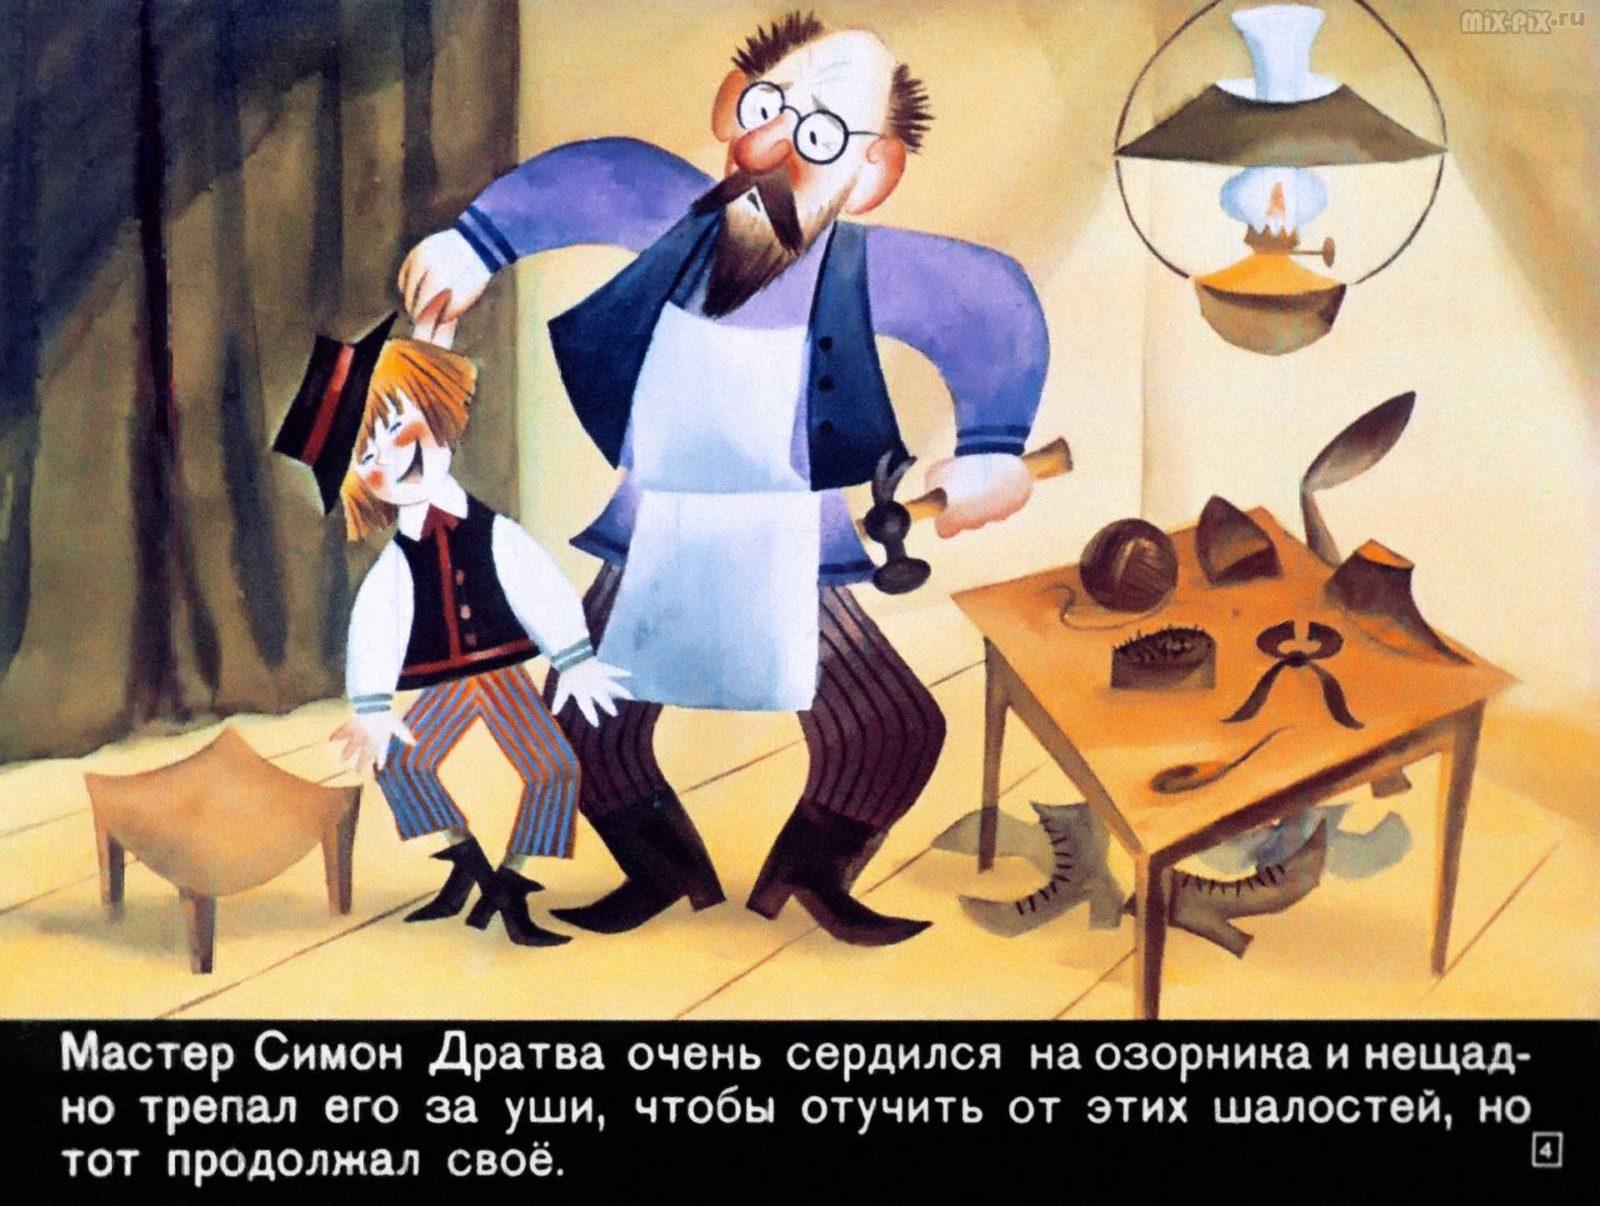 Диафильм - Сапожник Копытко и утка Кря (1972)